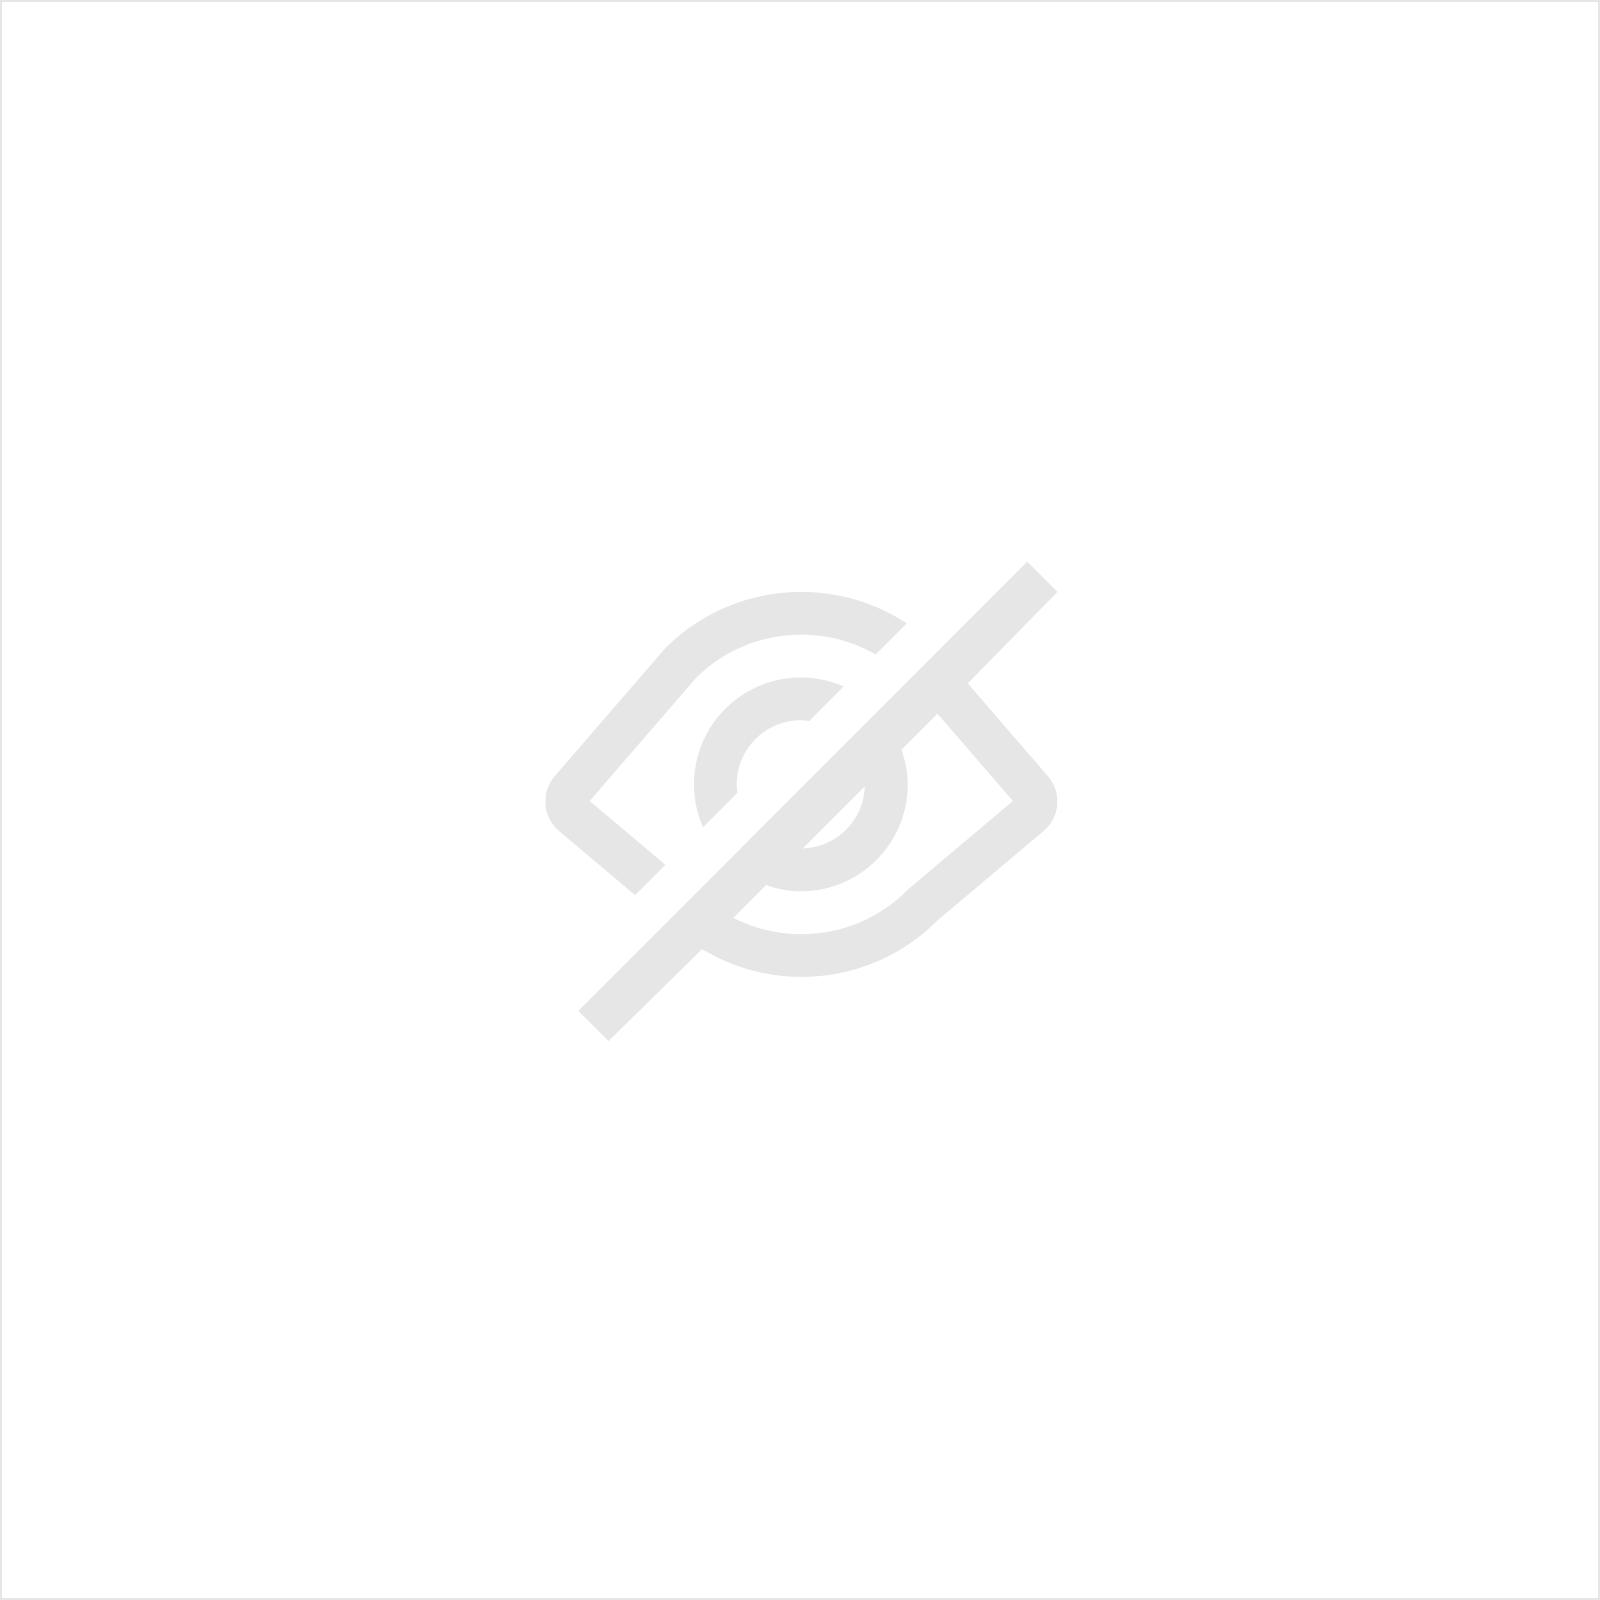 OPTIONEEL ROLPAAR VOOR BOORD EN LIJSTMACHINE 6 MM